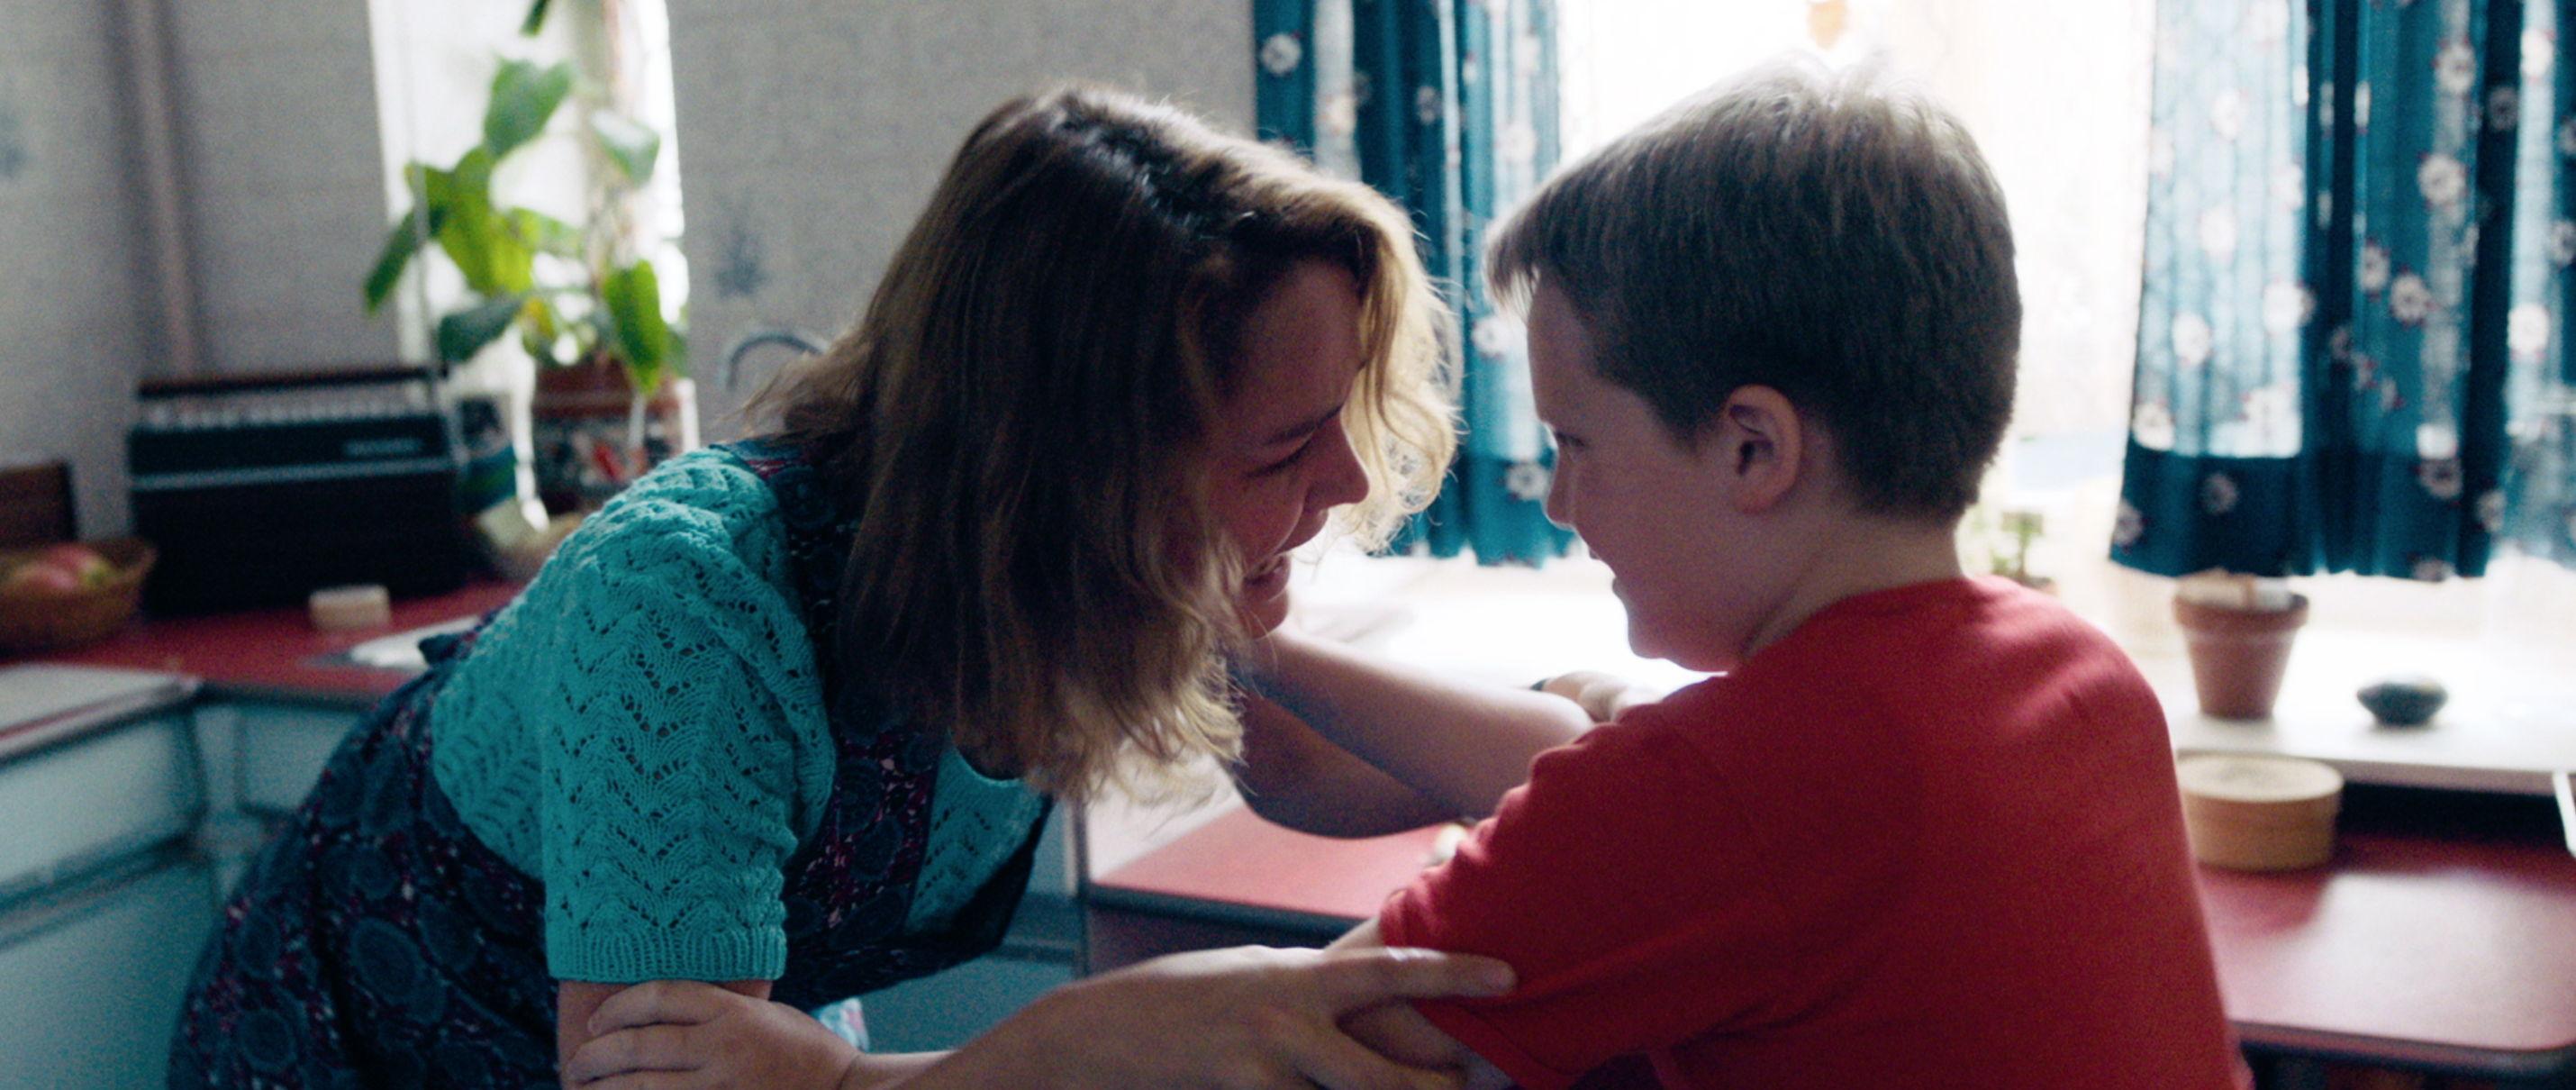 Der Junge muss an die frische Luft - all about me - Autobiografie von Hape Kerkeling - Regie Caroline Link - Kamera Judith Kaufmann